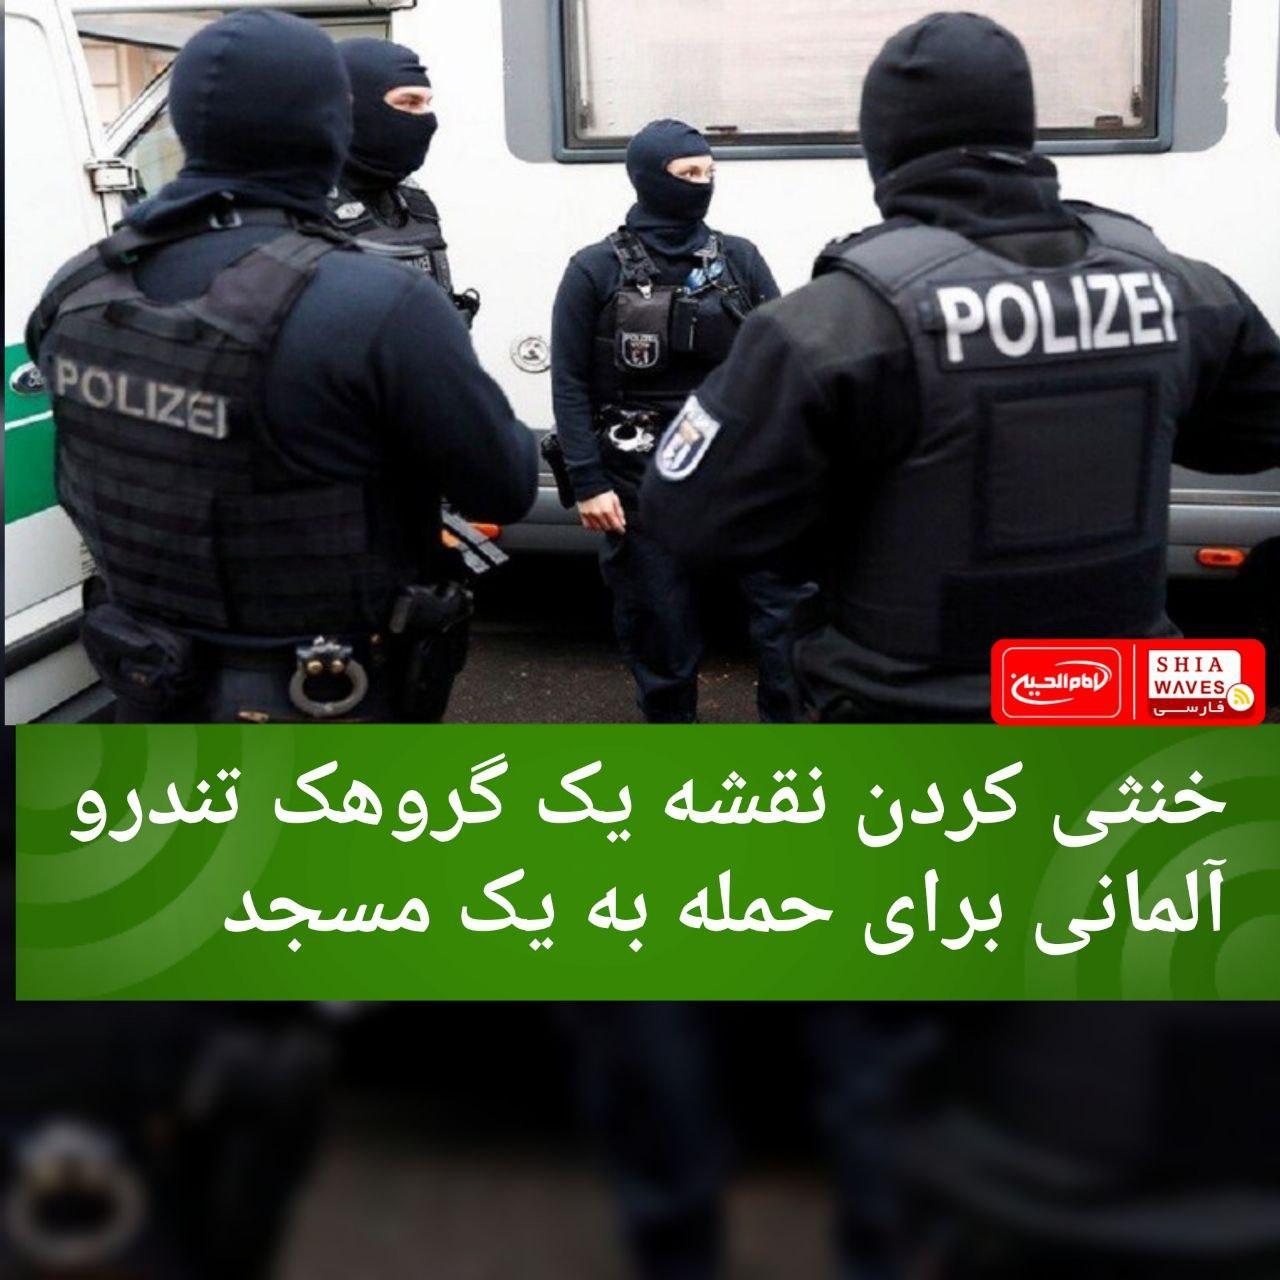 تصویر خنثی کردن نقشه یک گروهک تندرو آلمانی برای حمله به یک مسجد